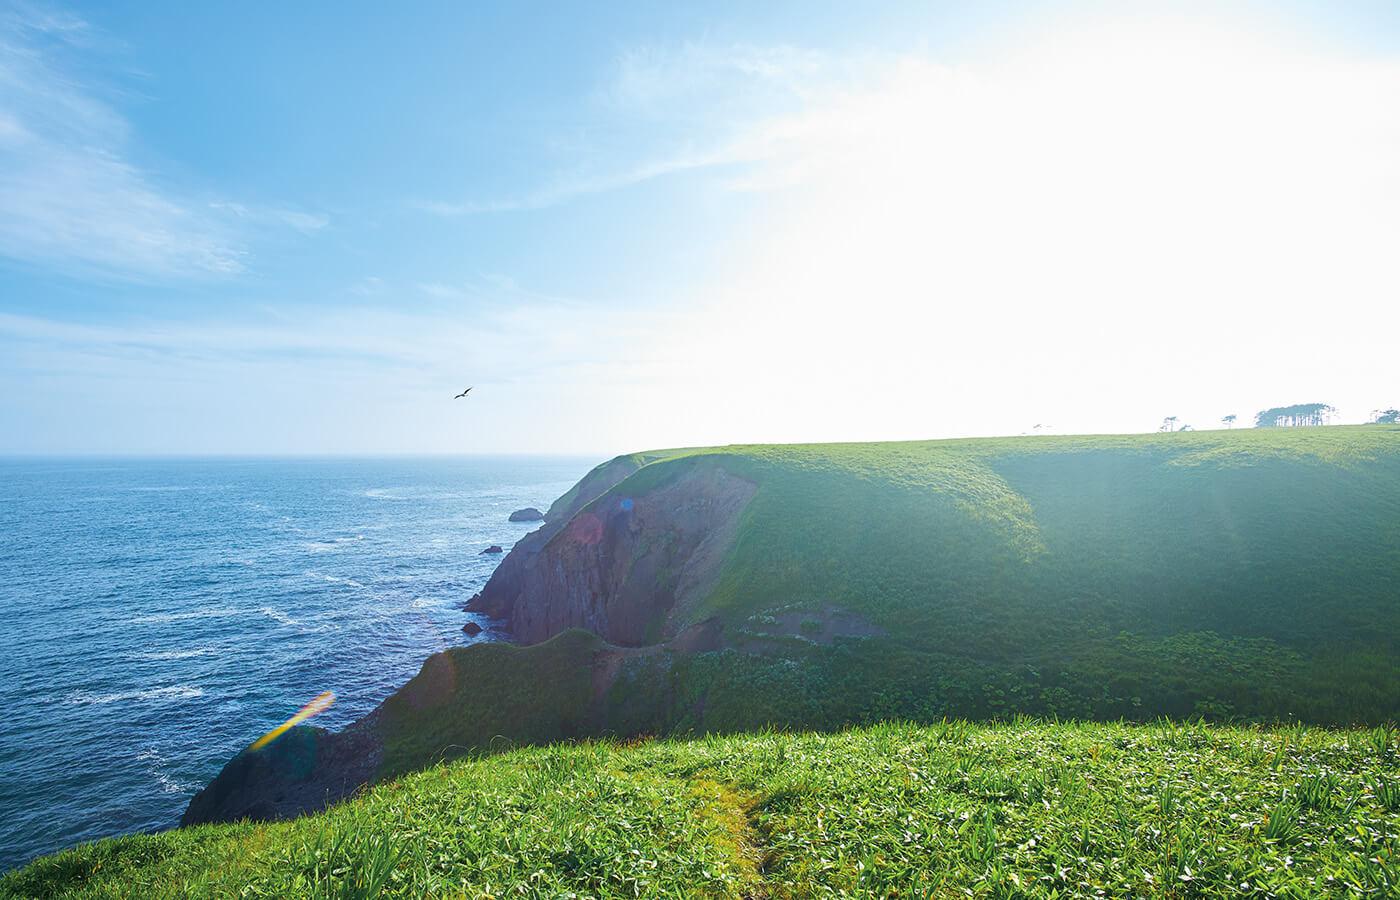 エゾアカマツの森を抜けると大草原が広がる、落石岬の絶景。海抜40mの断崖絶壁で、アイルランドやイングランドの光景ともどこか似る。周辺の小径散策も可能。時間帯により、周辺に棲むエゾシカとも間近に出会える。